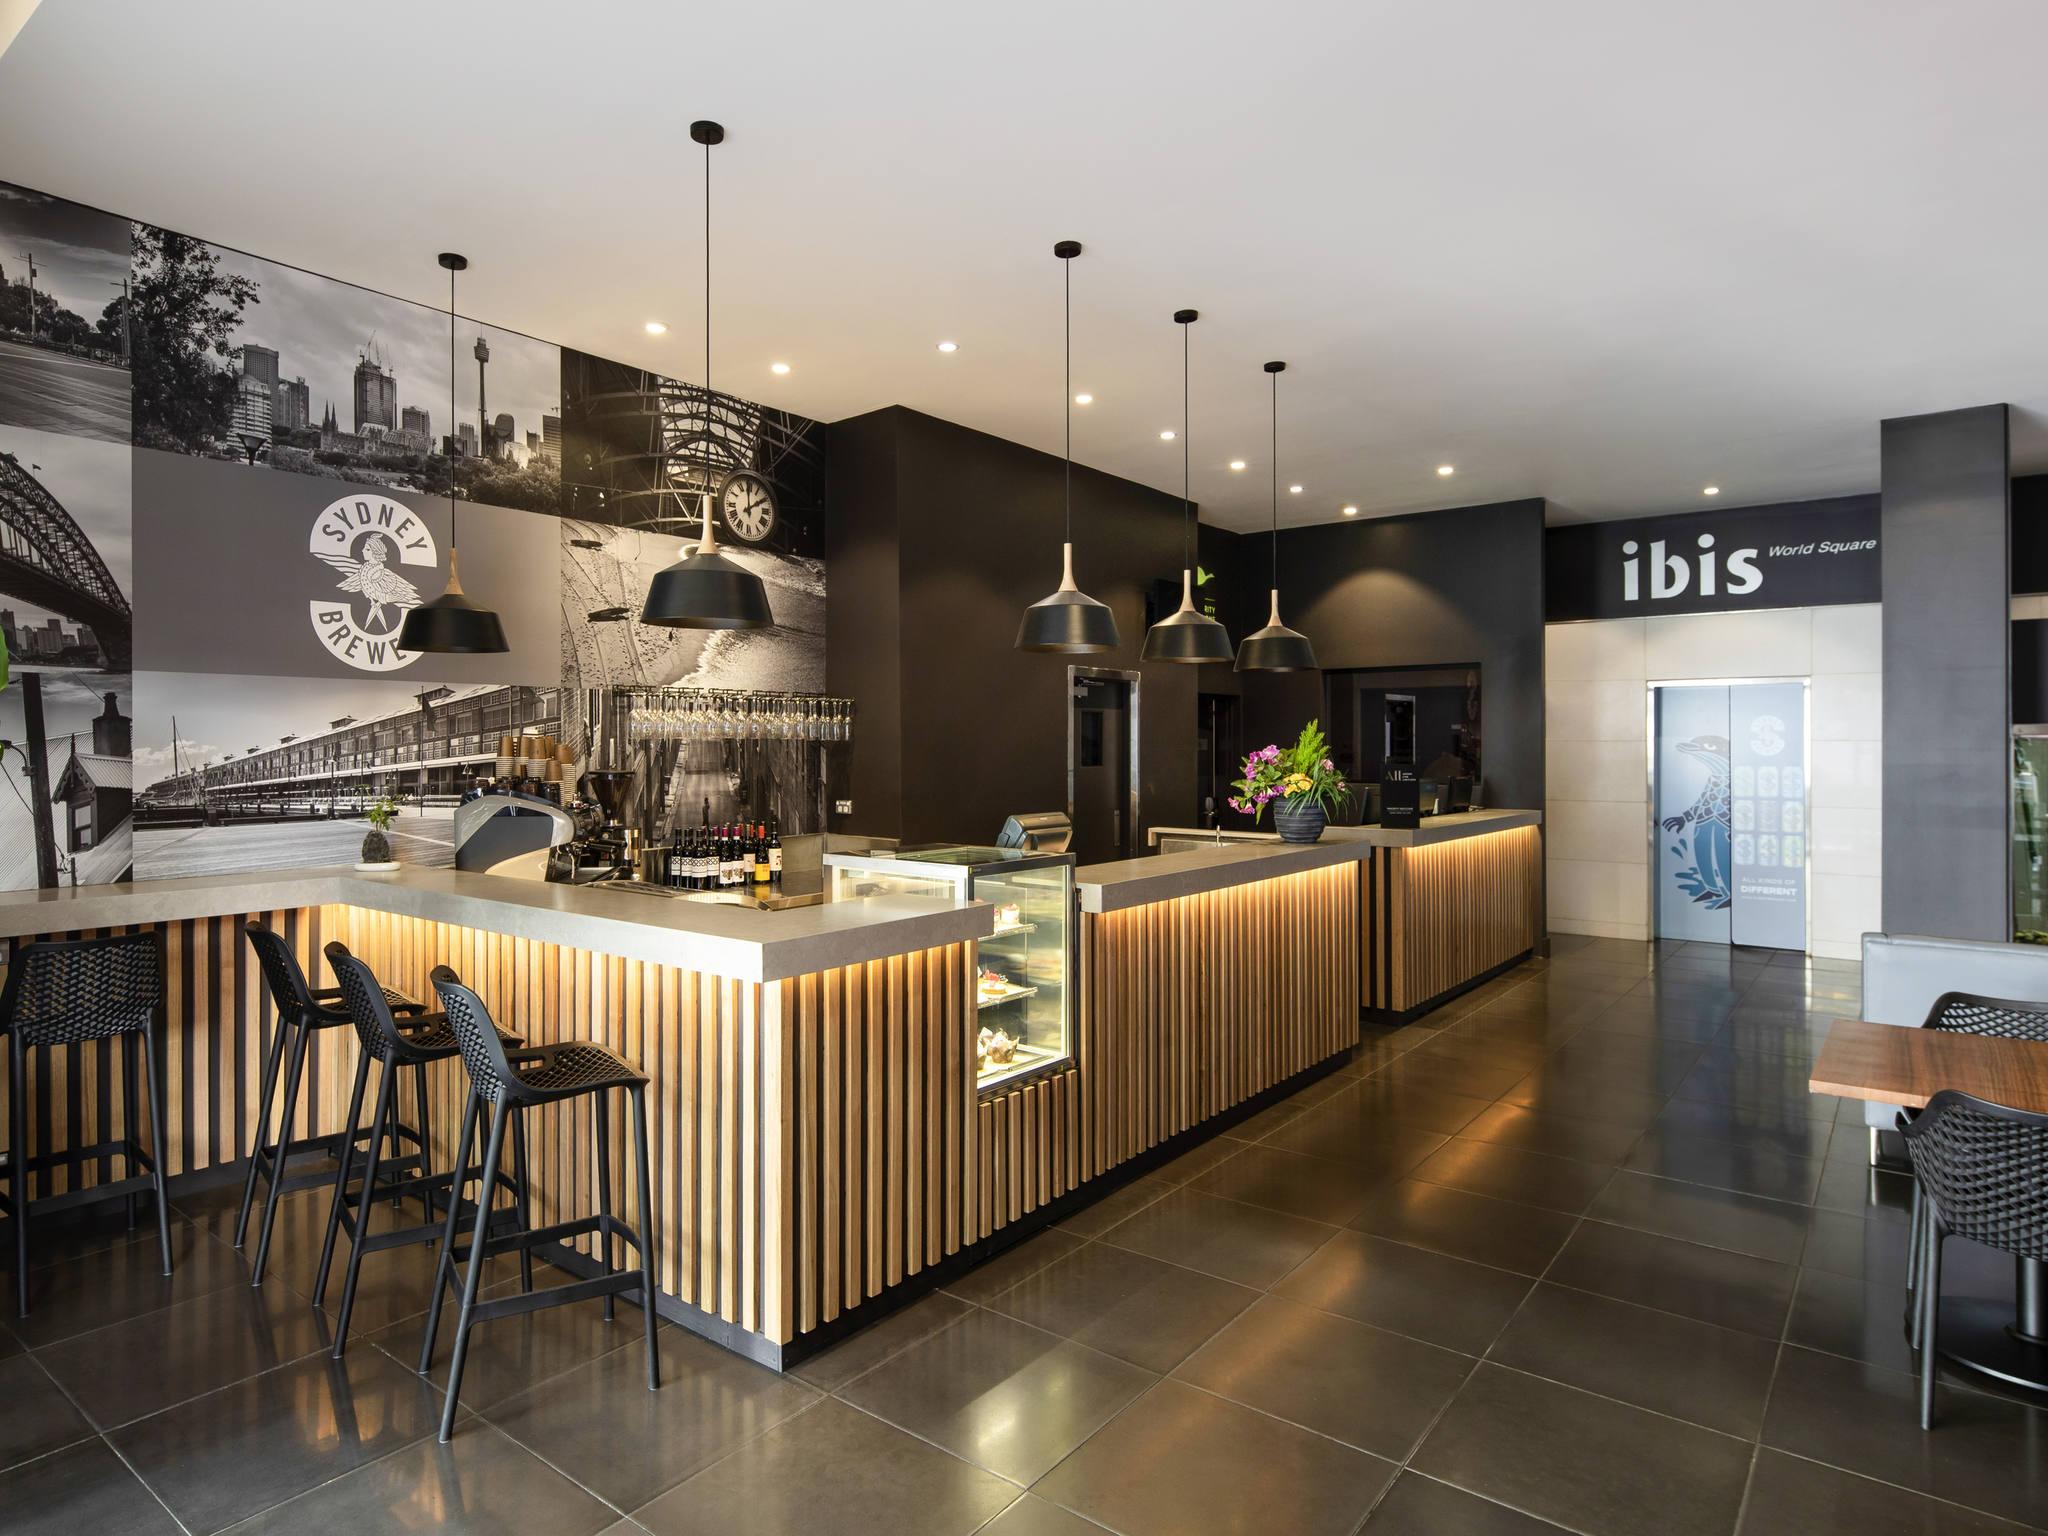 فندق - إيبيس ibis سيدني ورلد سكوير